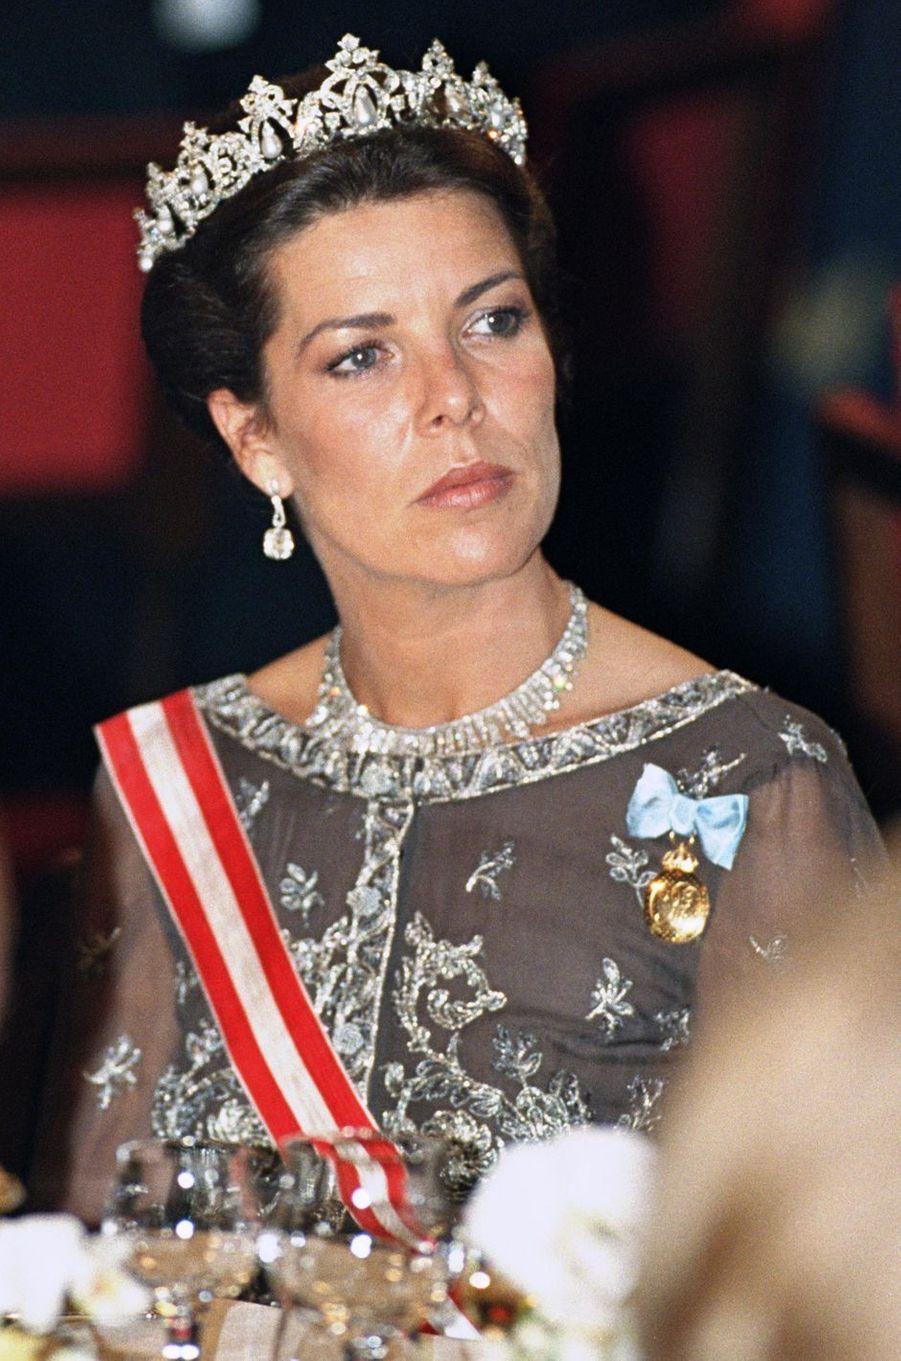 La princesse Caroline de Monaco, le 30 avril 1996